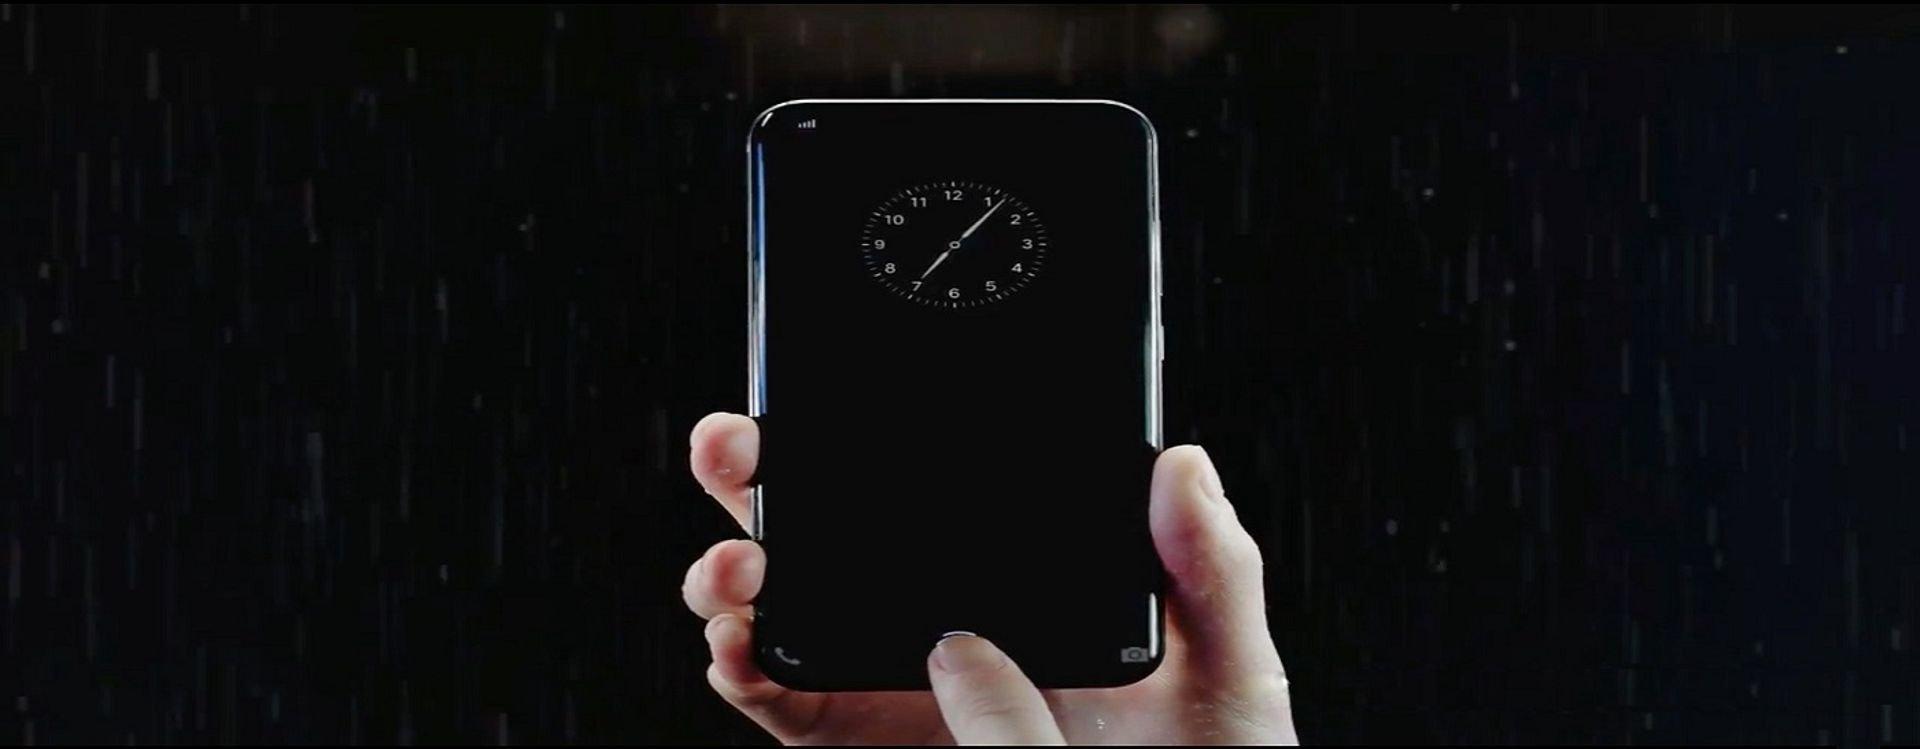 كيف يعمل هذا المستشعر، وما المميز فيه عن بقية المستشعرات الموجودة في الهواتف الذكية الأخرى